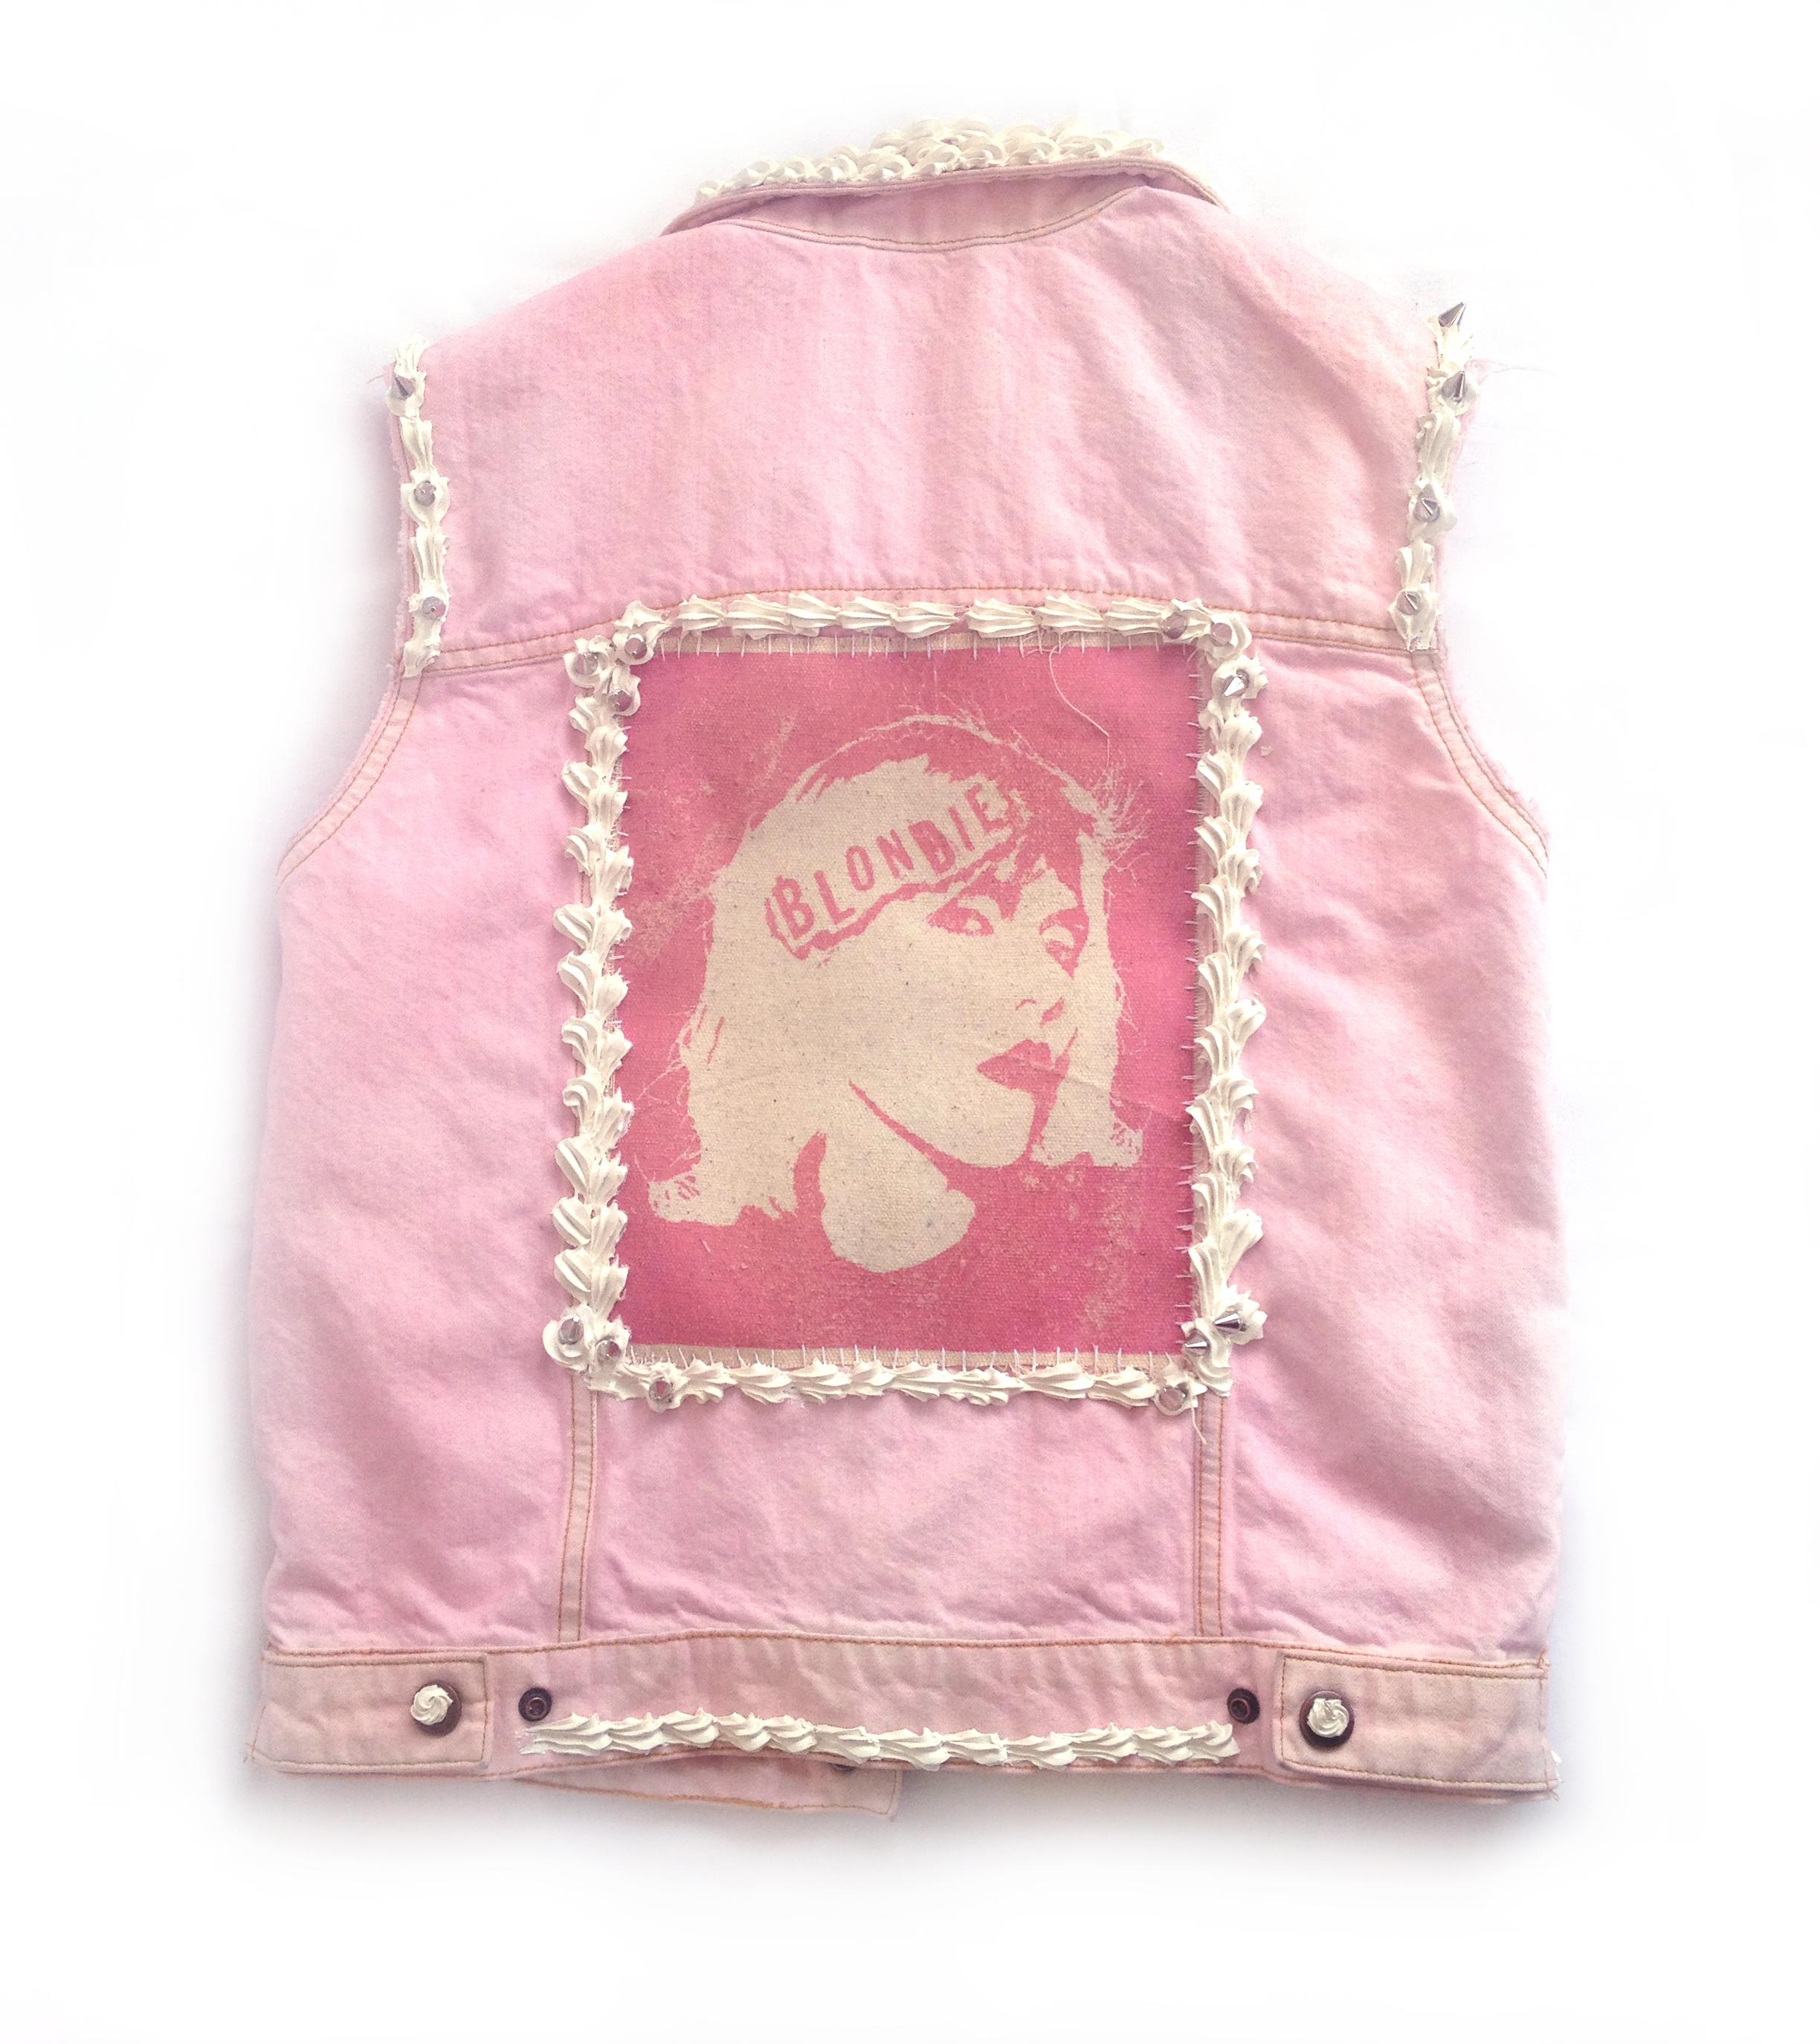 Dylan Garrett Smith Blondie Decoden punk vest back